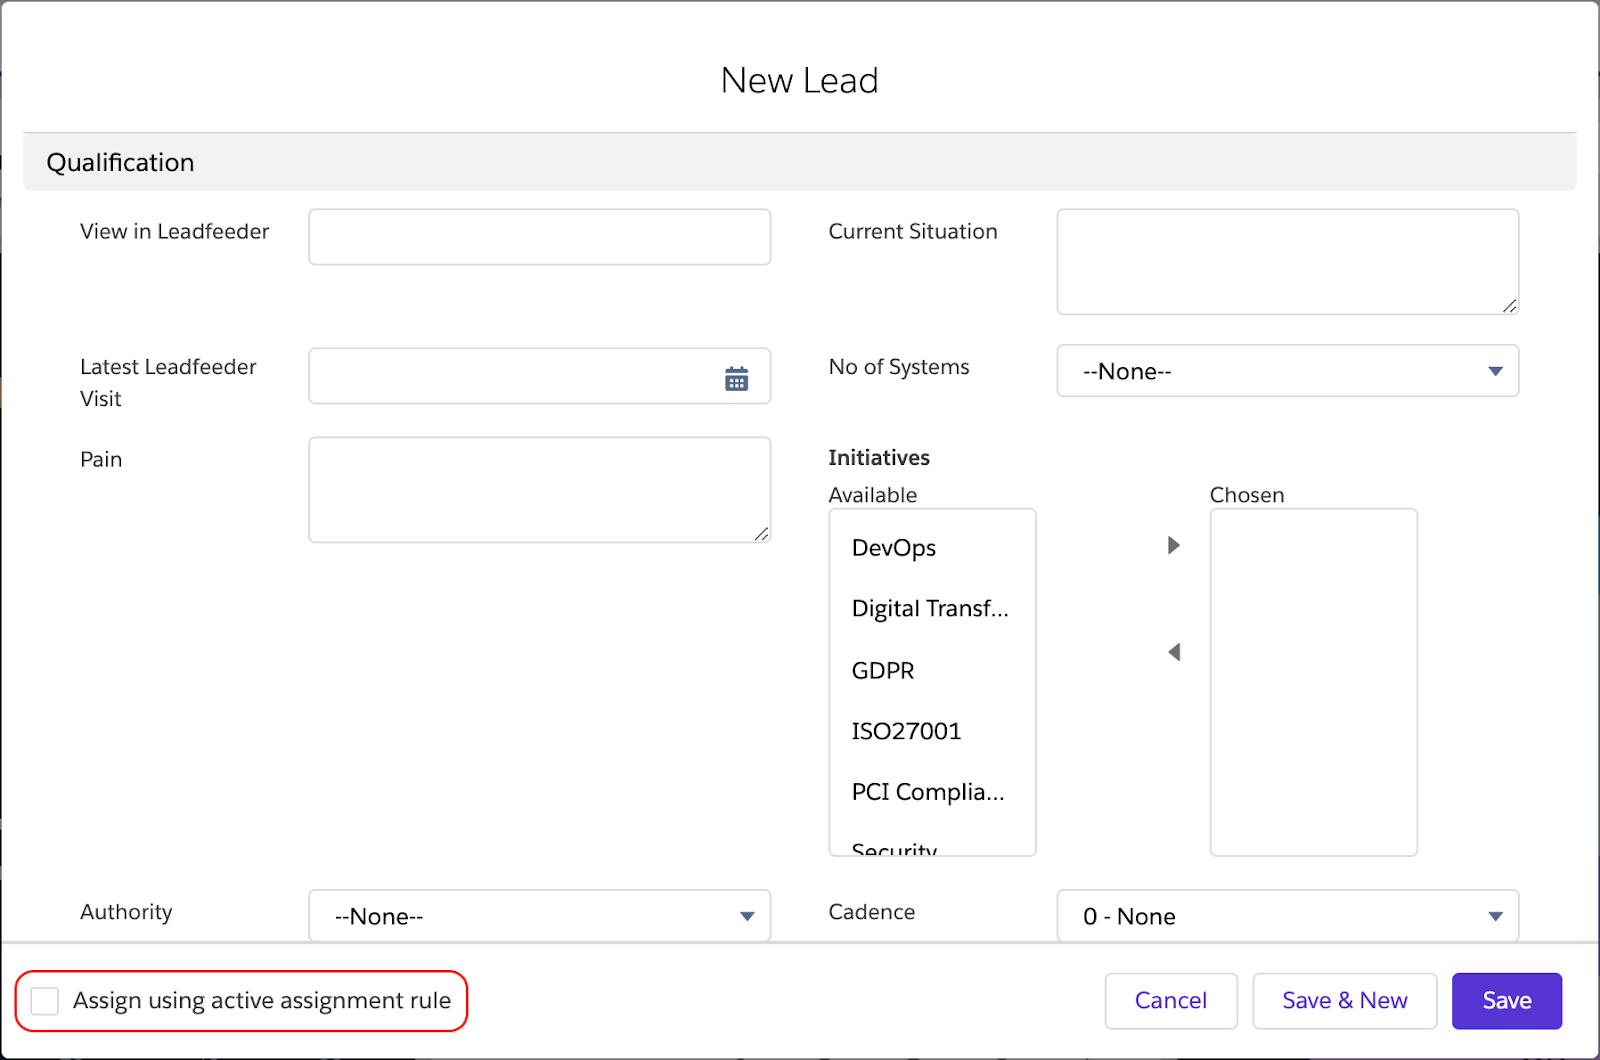 Lead Edit Screen in Salesforce